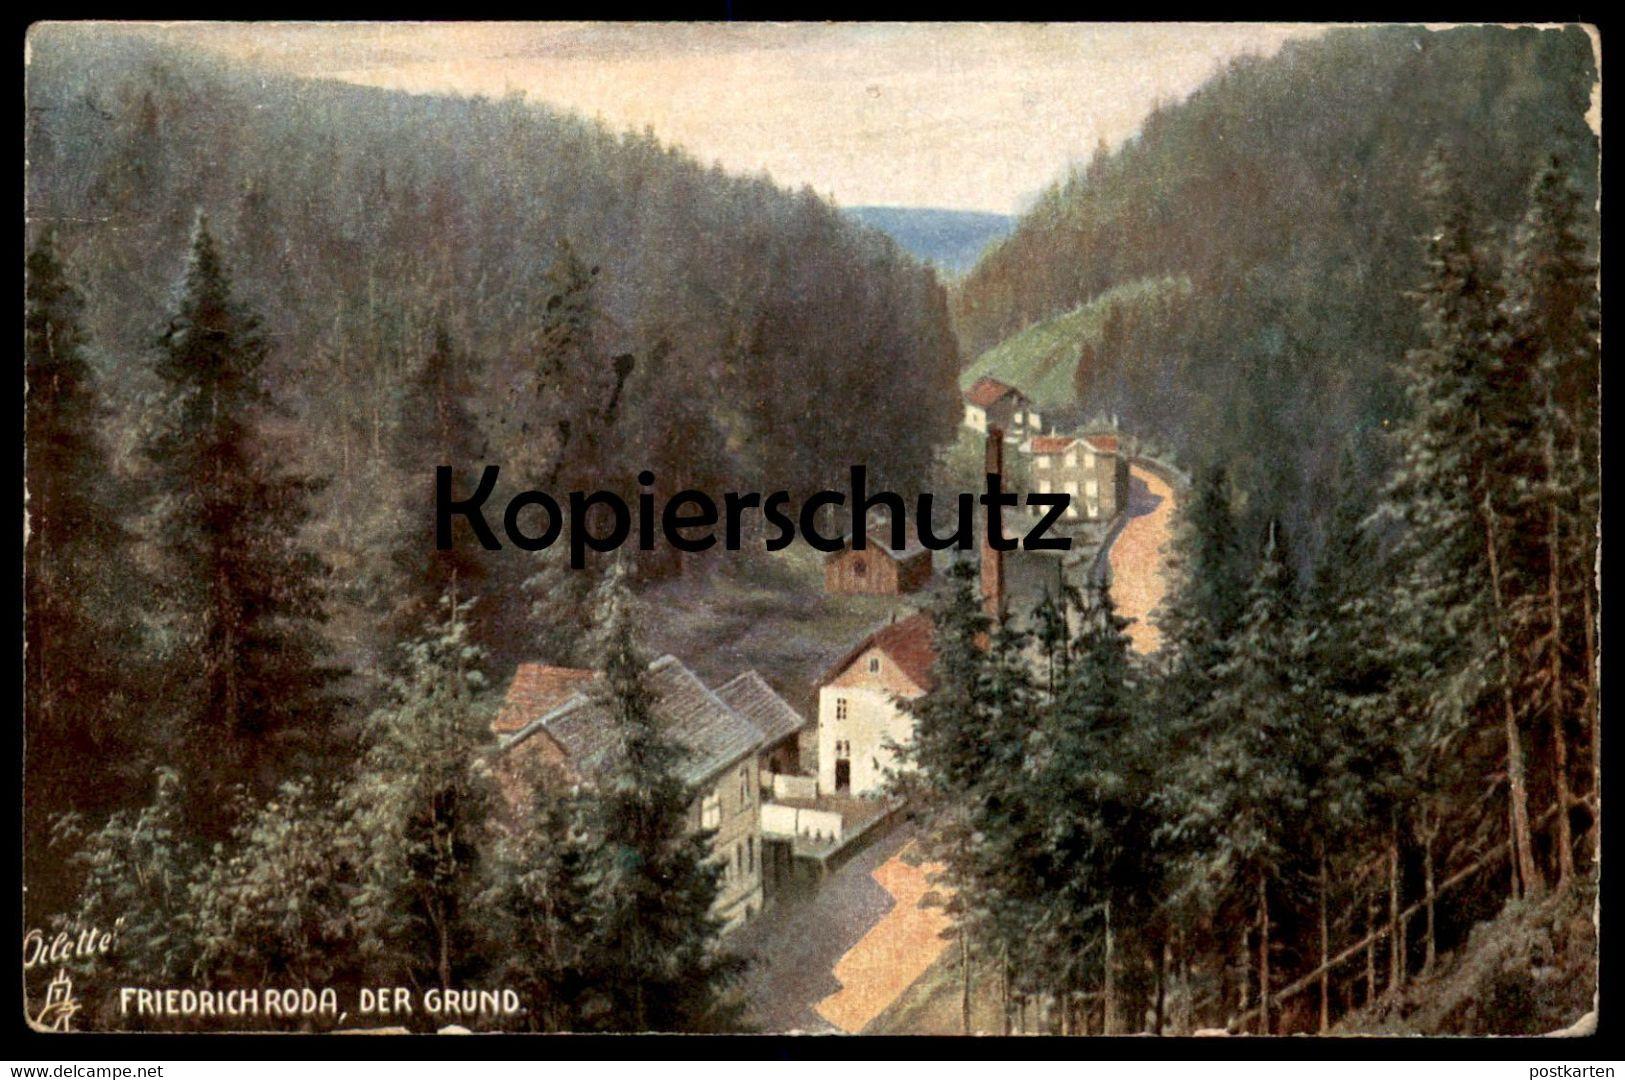 ALTE KÜNSTLER POSTKARTE FRIEDRICHRODA DER GRUND RAPHAEL TUCK TUCK'S OILETTE No. 649 B Ansichtskarte AK Postcard Cpa - Tuck, Raphael